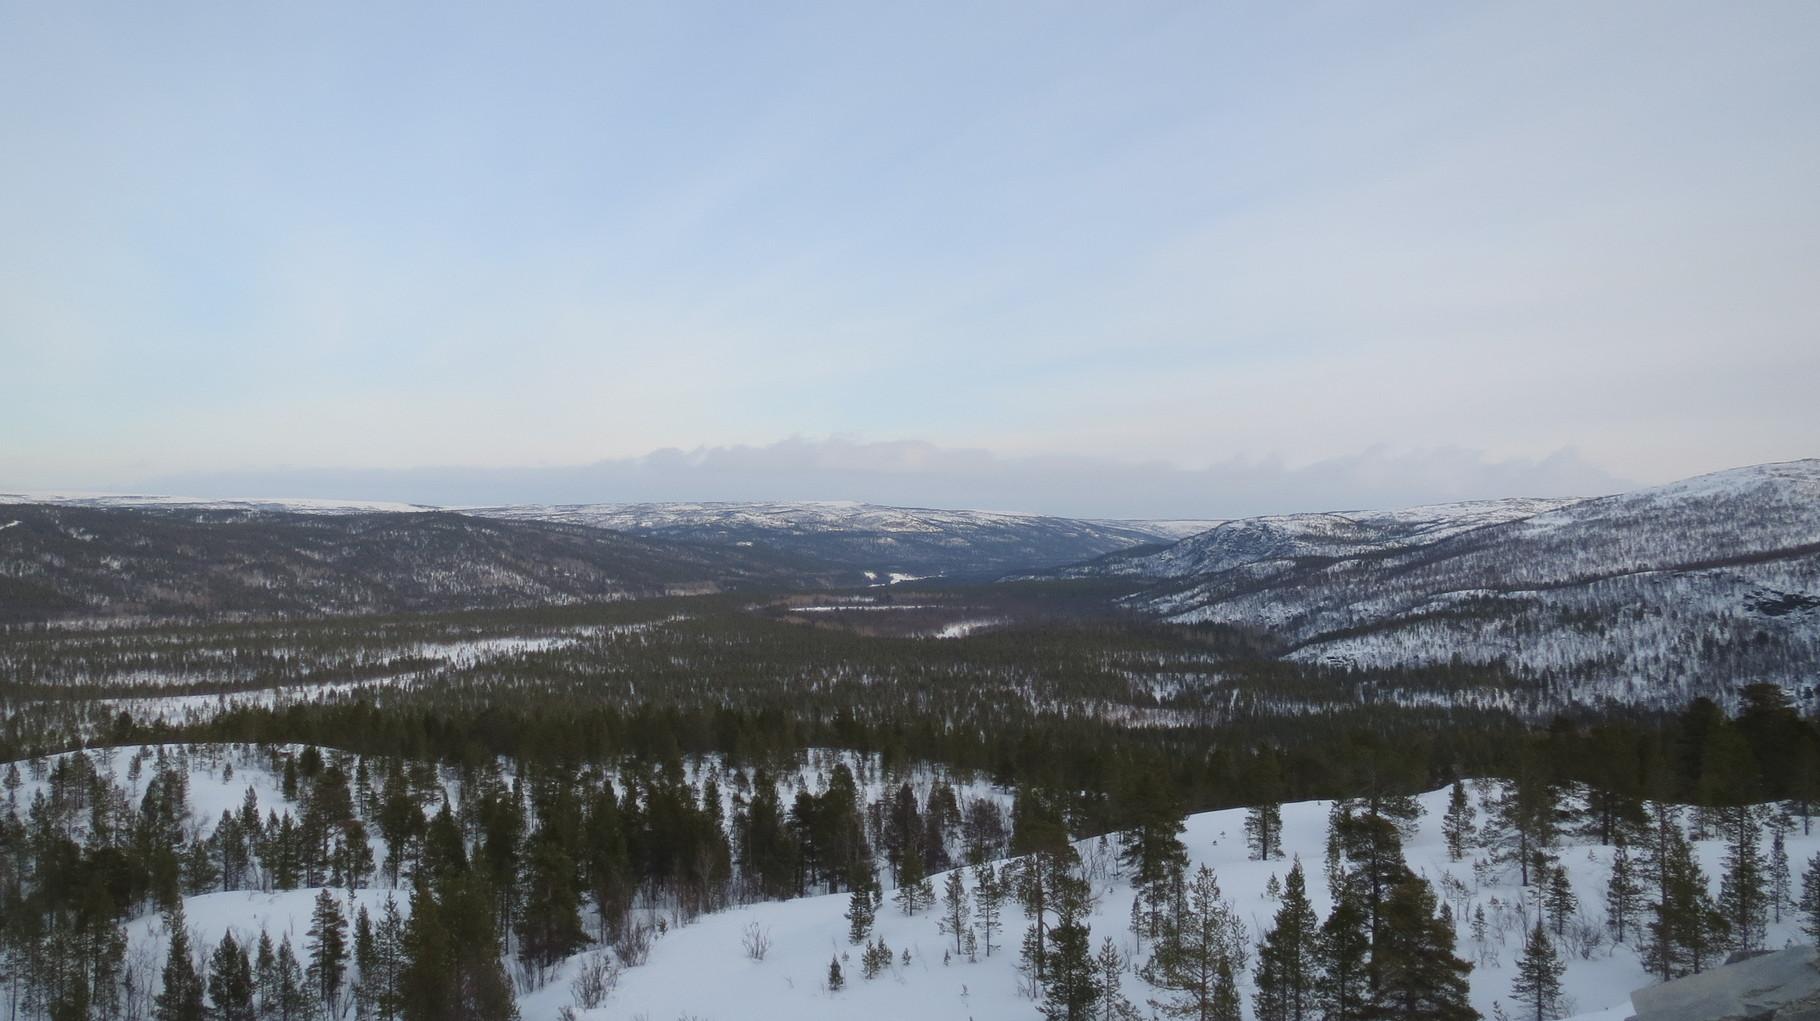 ... den Ausblick genießen und dann geht es zurück Richtung Alta.